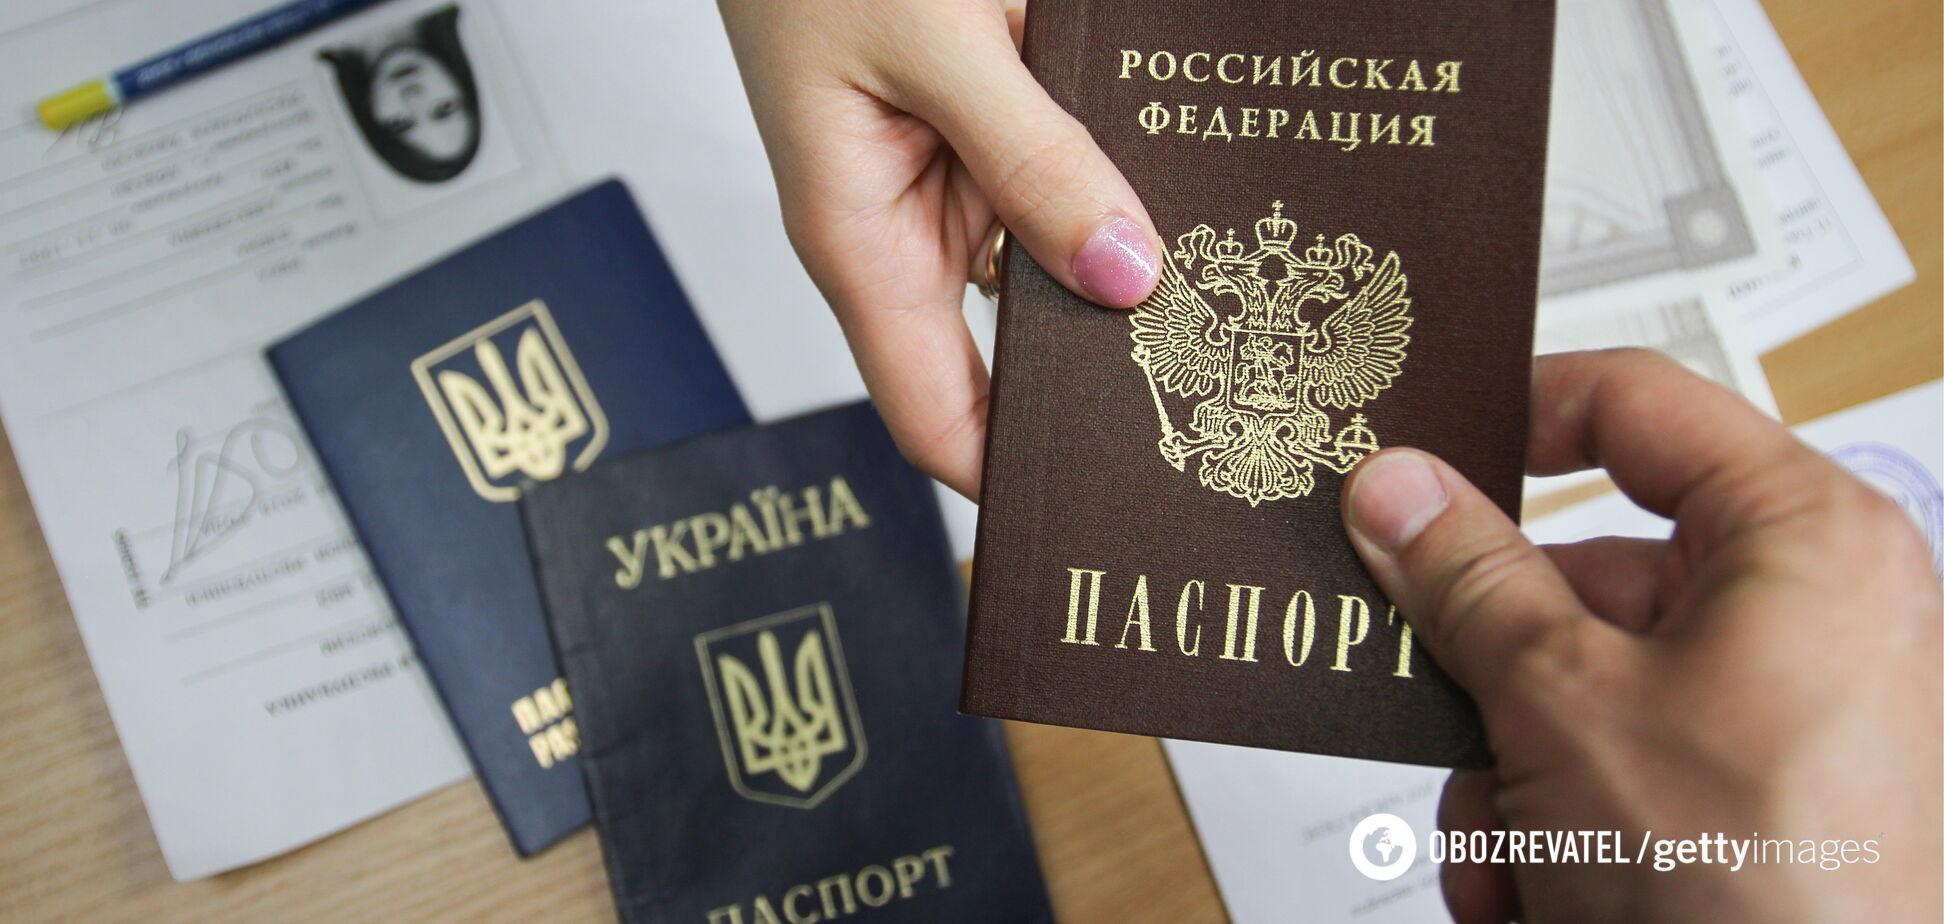 Эксперт объяснила, как Кремль играет на теме двойного гражданства в Украине